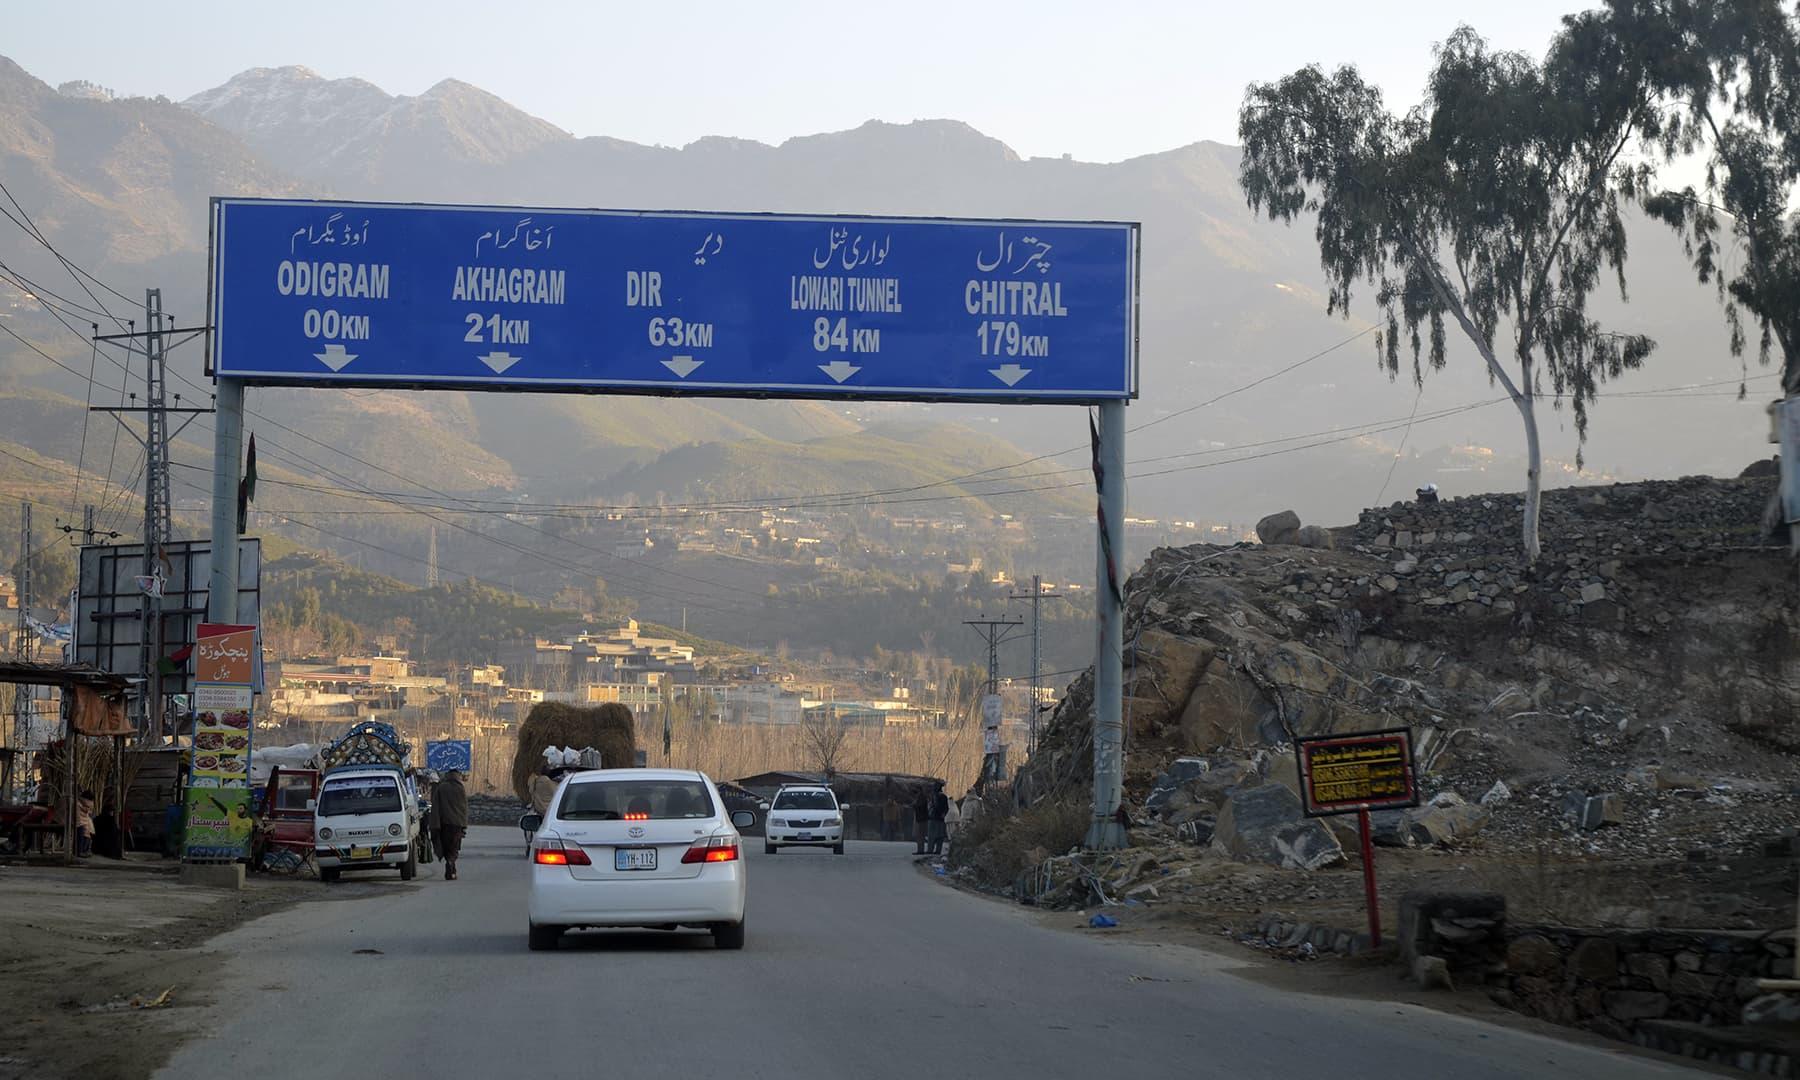 تیمر گرہ سے اپر دیر تک شاہراہ چترال کے کشادہ سڑک پر 2 گھنٹے میں پہنچا جاسکتا ہے—عظمت اکبر